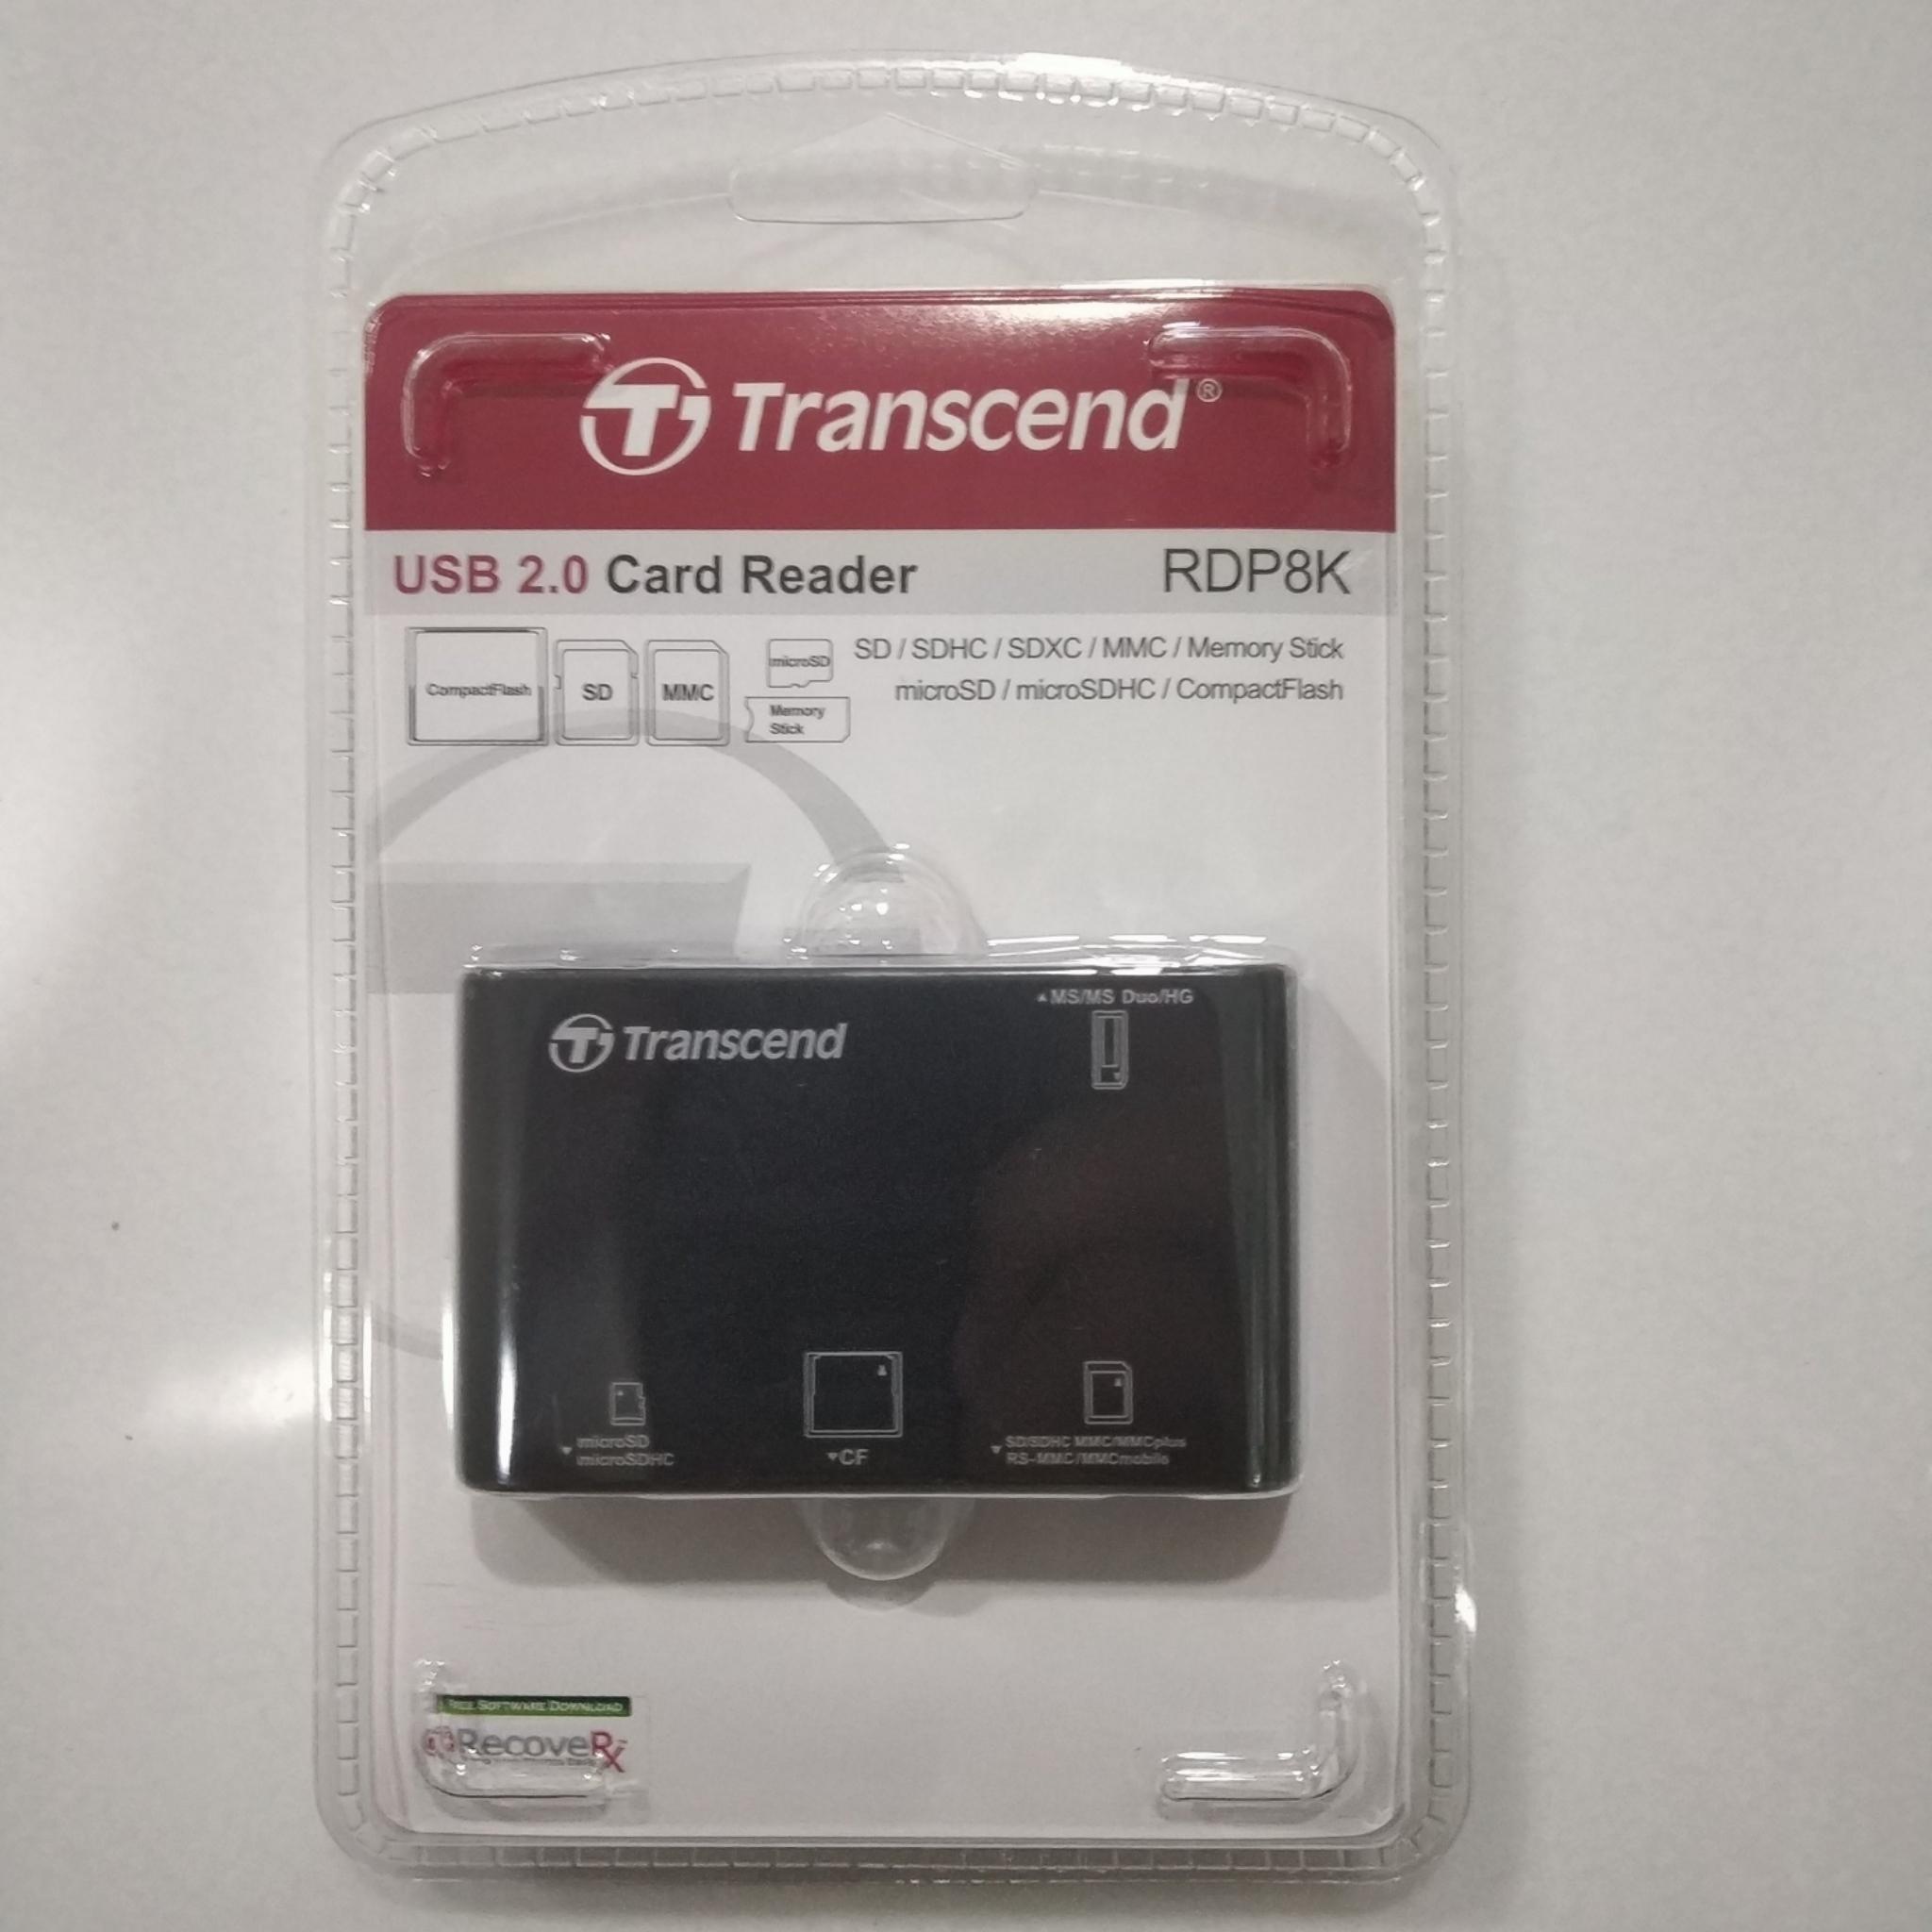 Transcend USB 2.0 Card Reader, TS-RDP8K